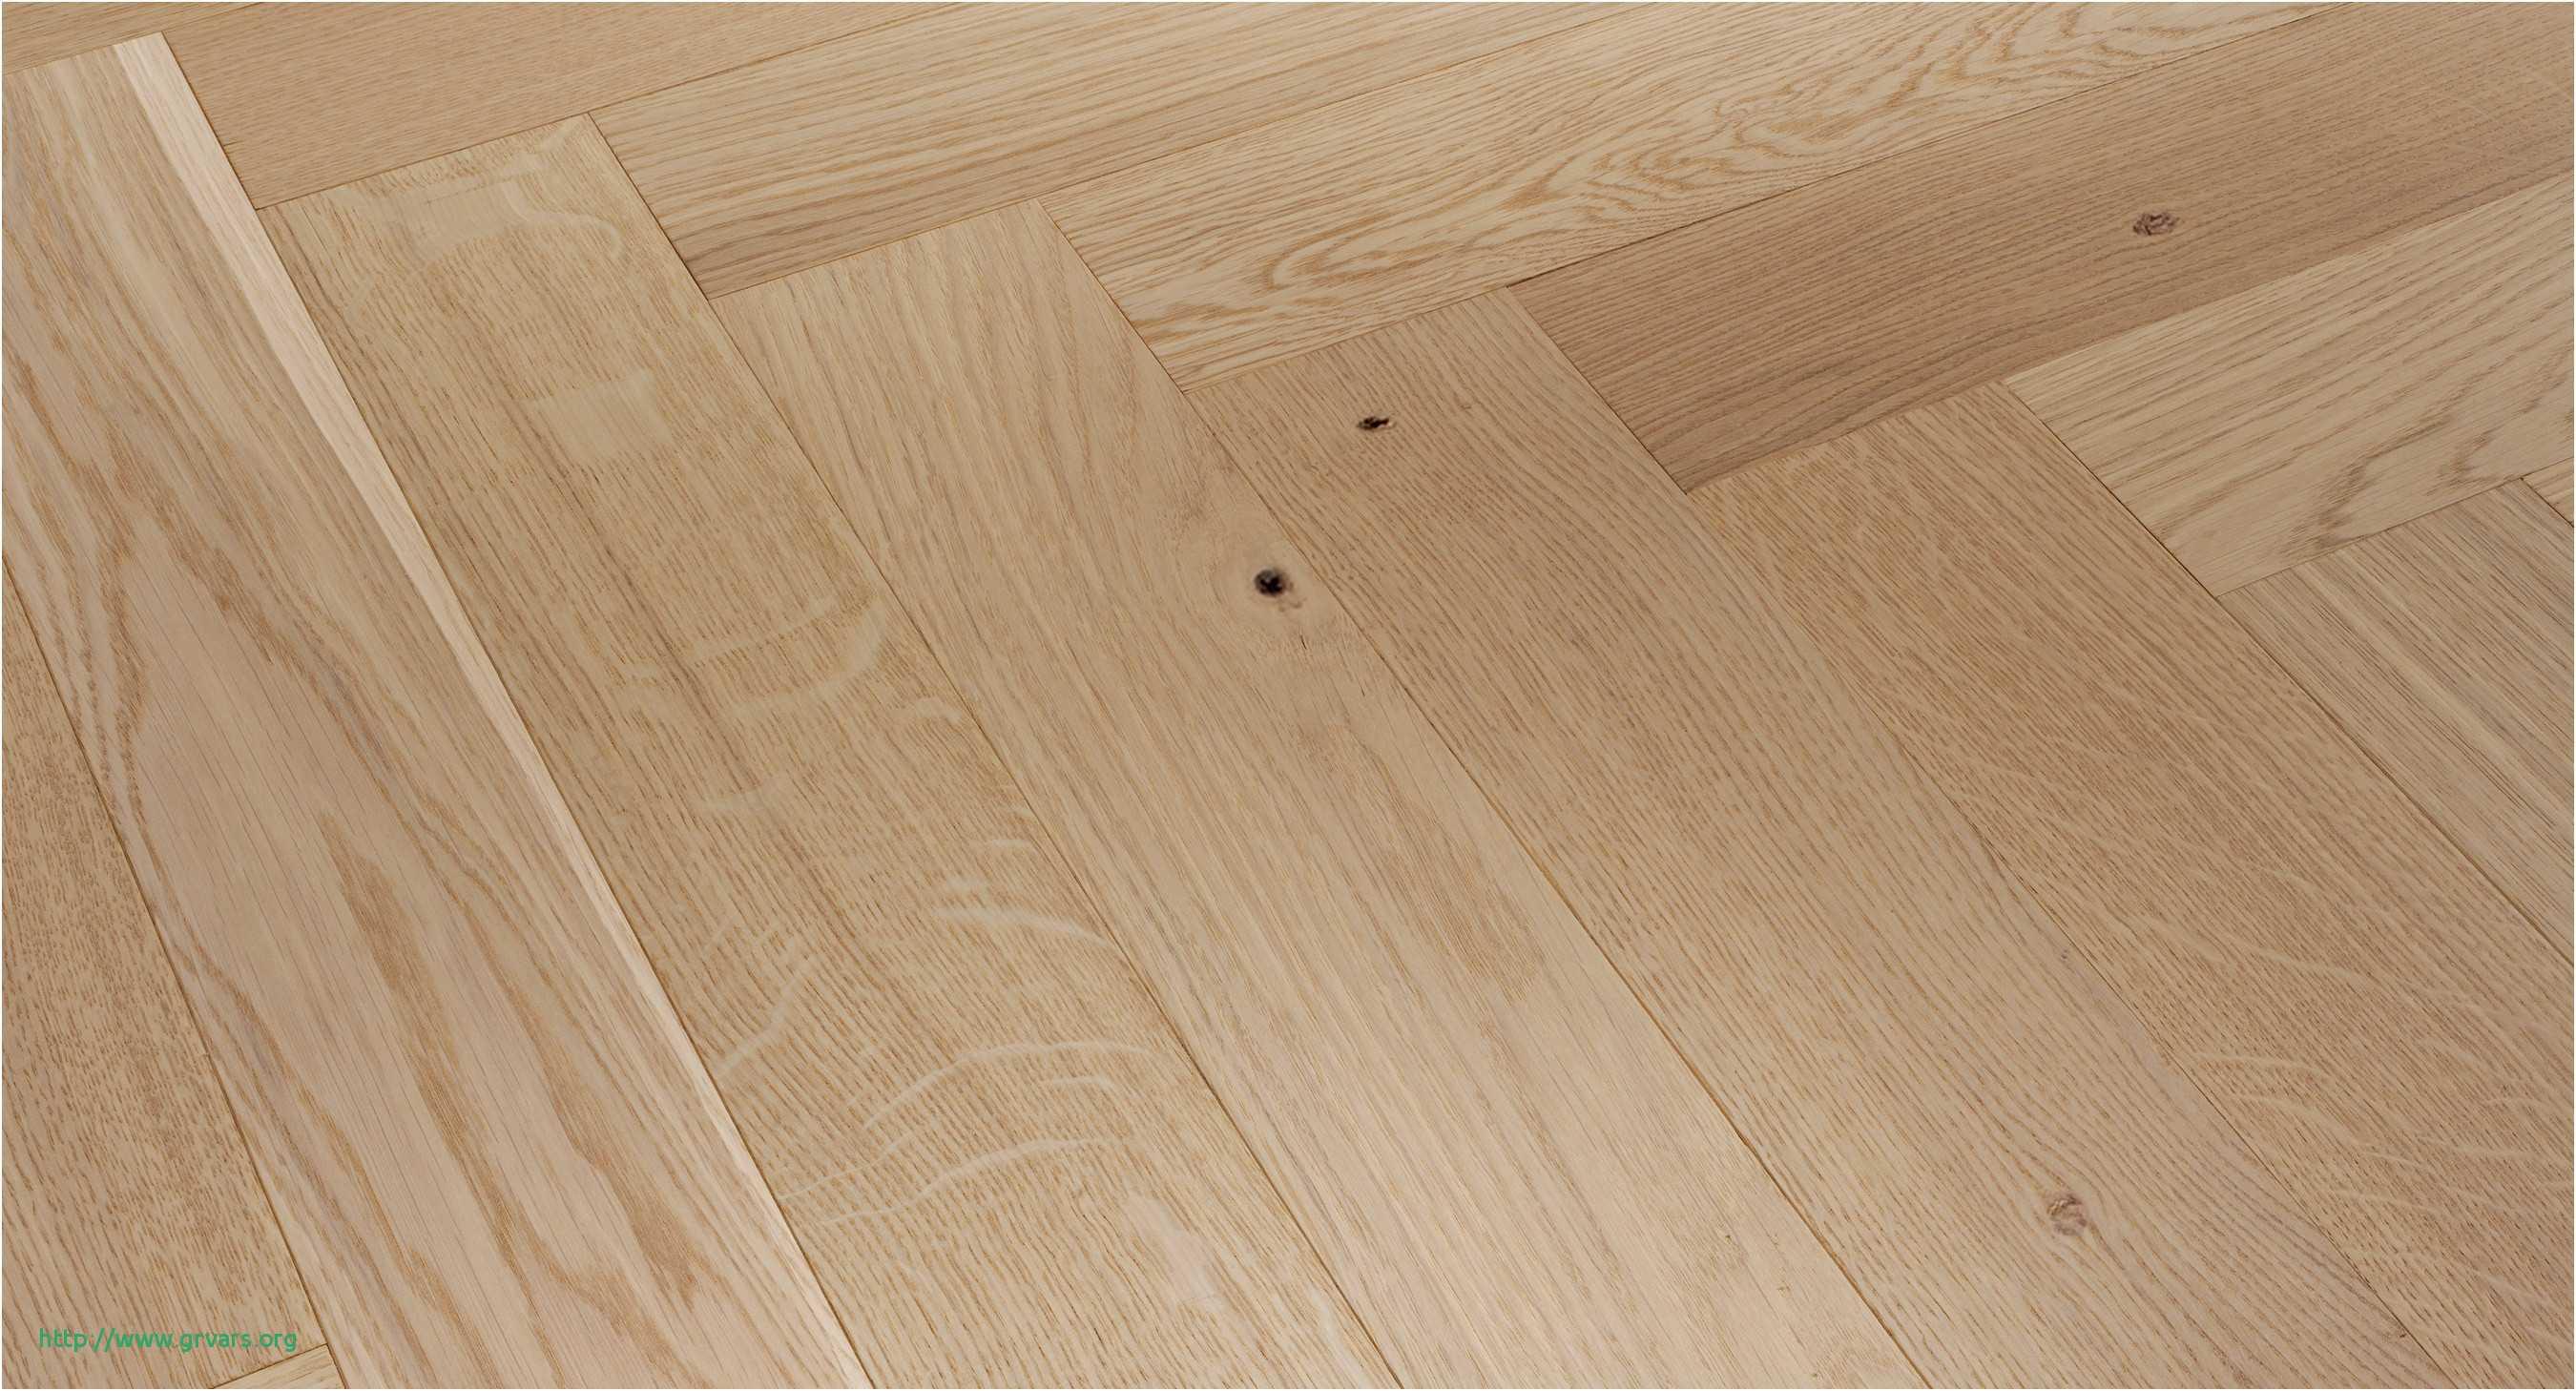 hardwood flooring hardness rating of 15 luxe hardwood flooring in massachusetts ideas blog for flooring near me flooring sale near me stock 0d grace place barnegat nj